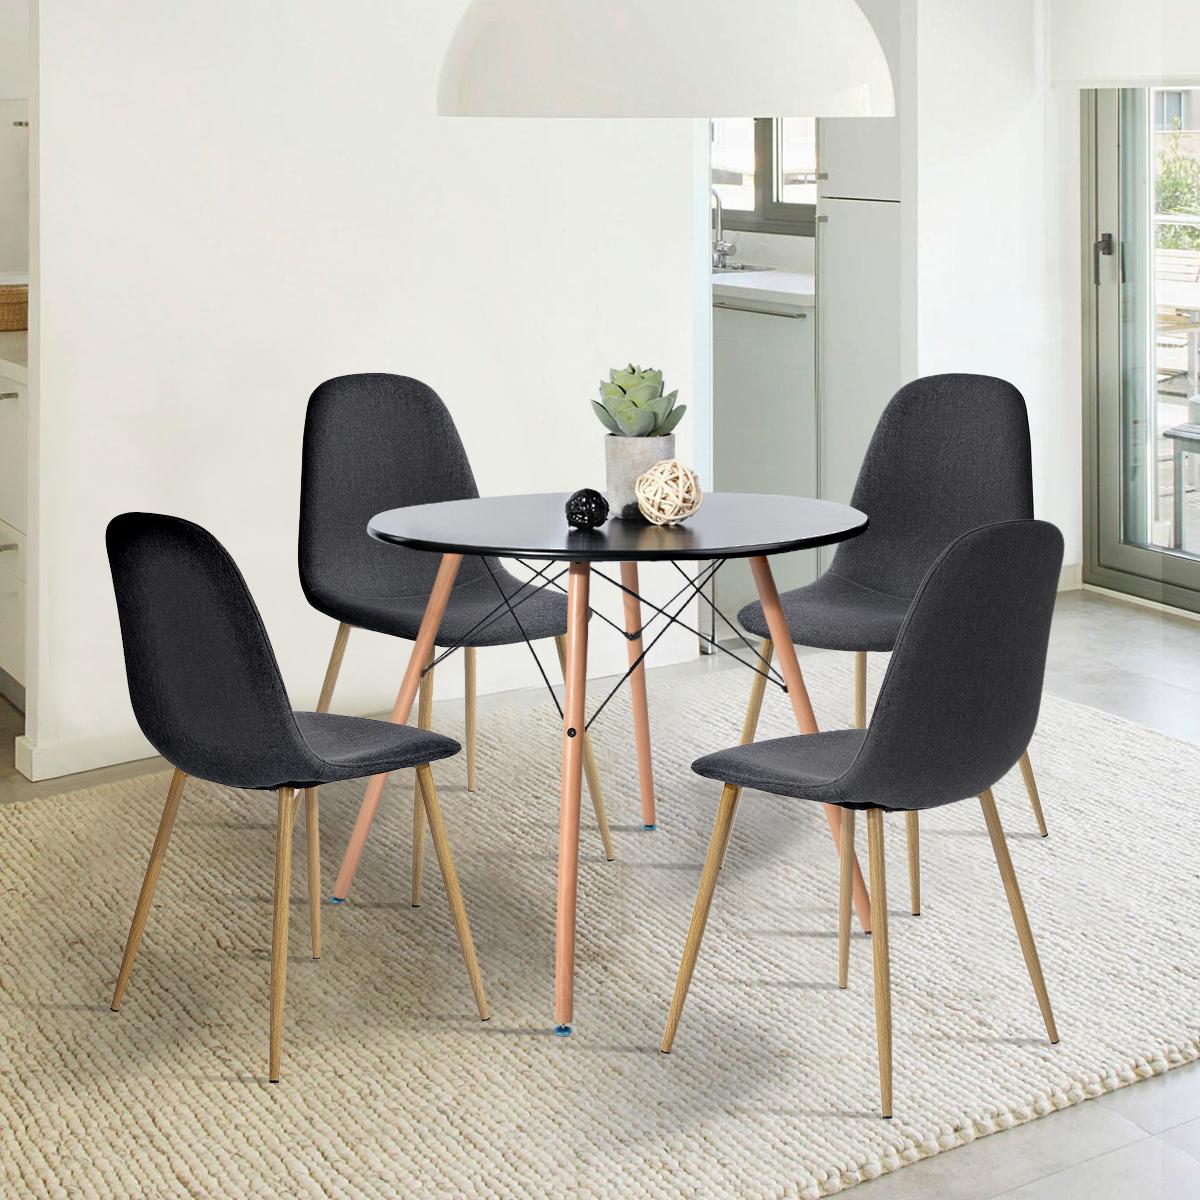 Table Salle à Manger Ronde 2 à 4 Personnes Pieds En Bois Style Scandinave ø80x H71cm Plateau Coloris Noir